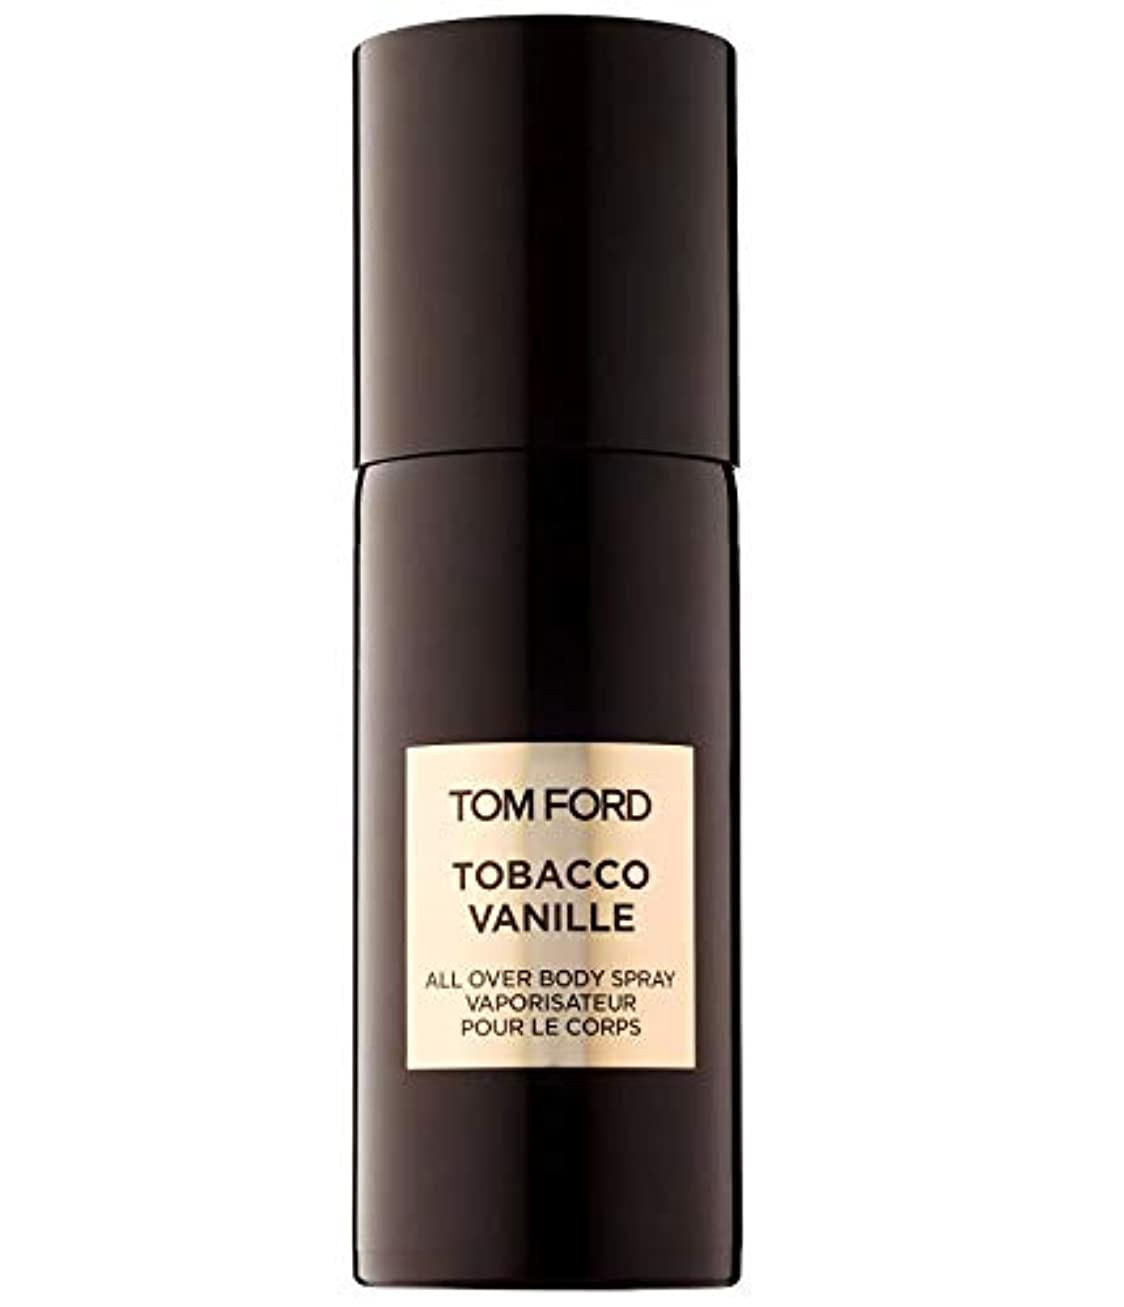 漂流アンケート症状Tom Ford Private Blend 'Tobacco Vanille' (トムフォード プライベートブレンド タバコバニラ) 5.0 oz (150ml) All Over Body Spray ボディースプレー